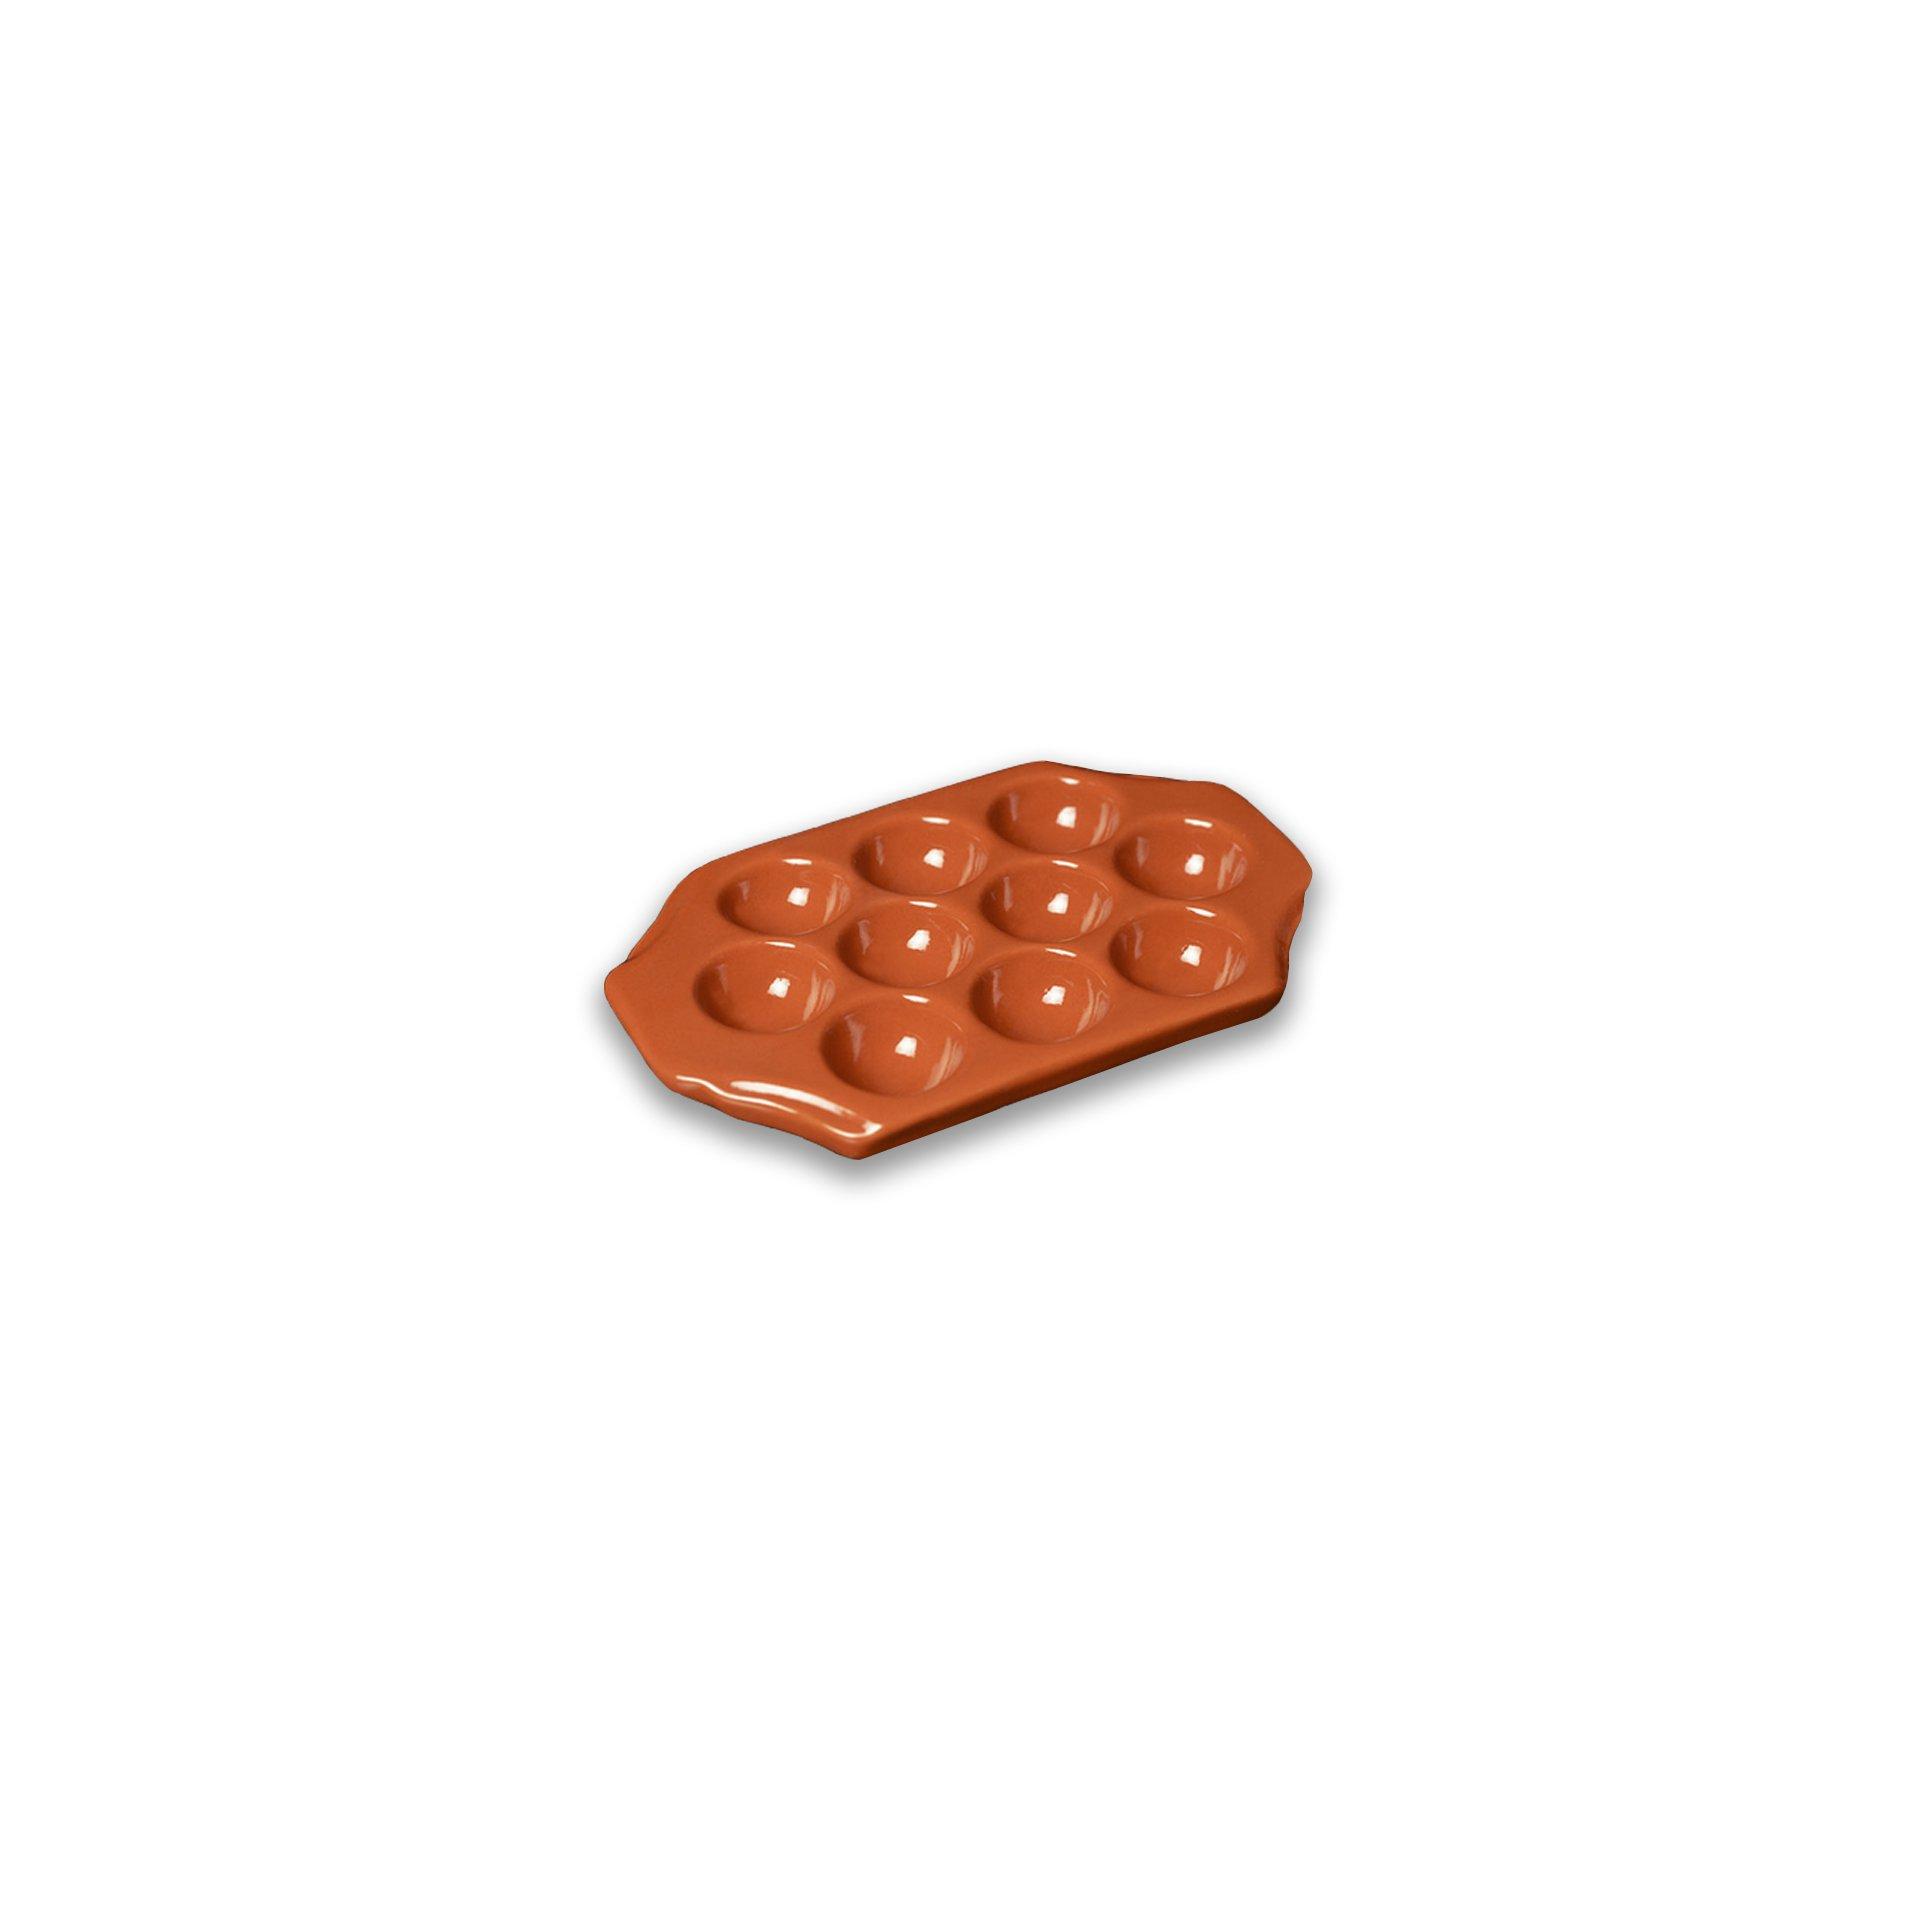 Provolera De Cerâmica - A Legítima - 10 Cavidades